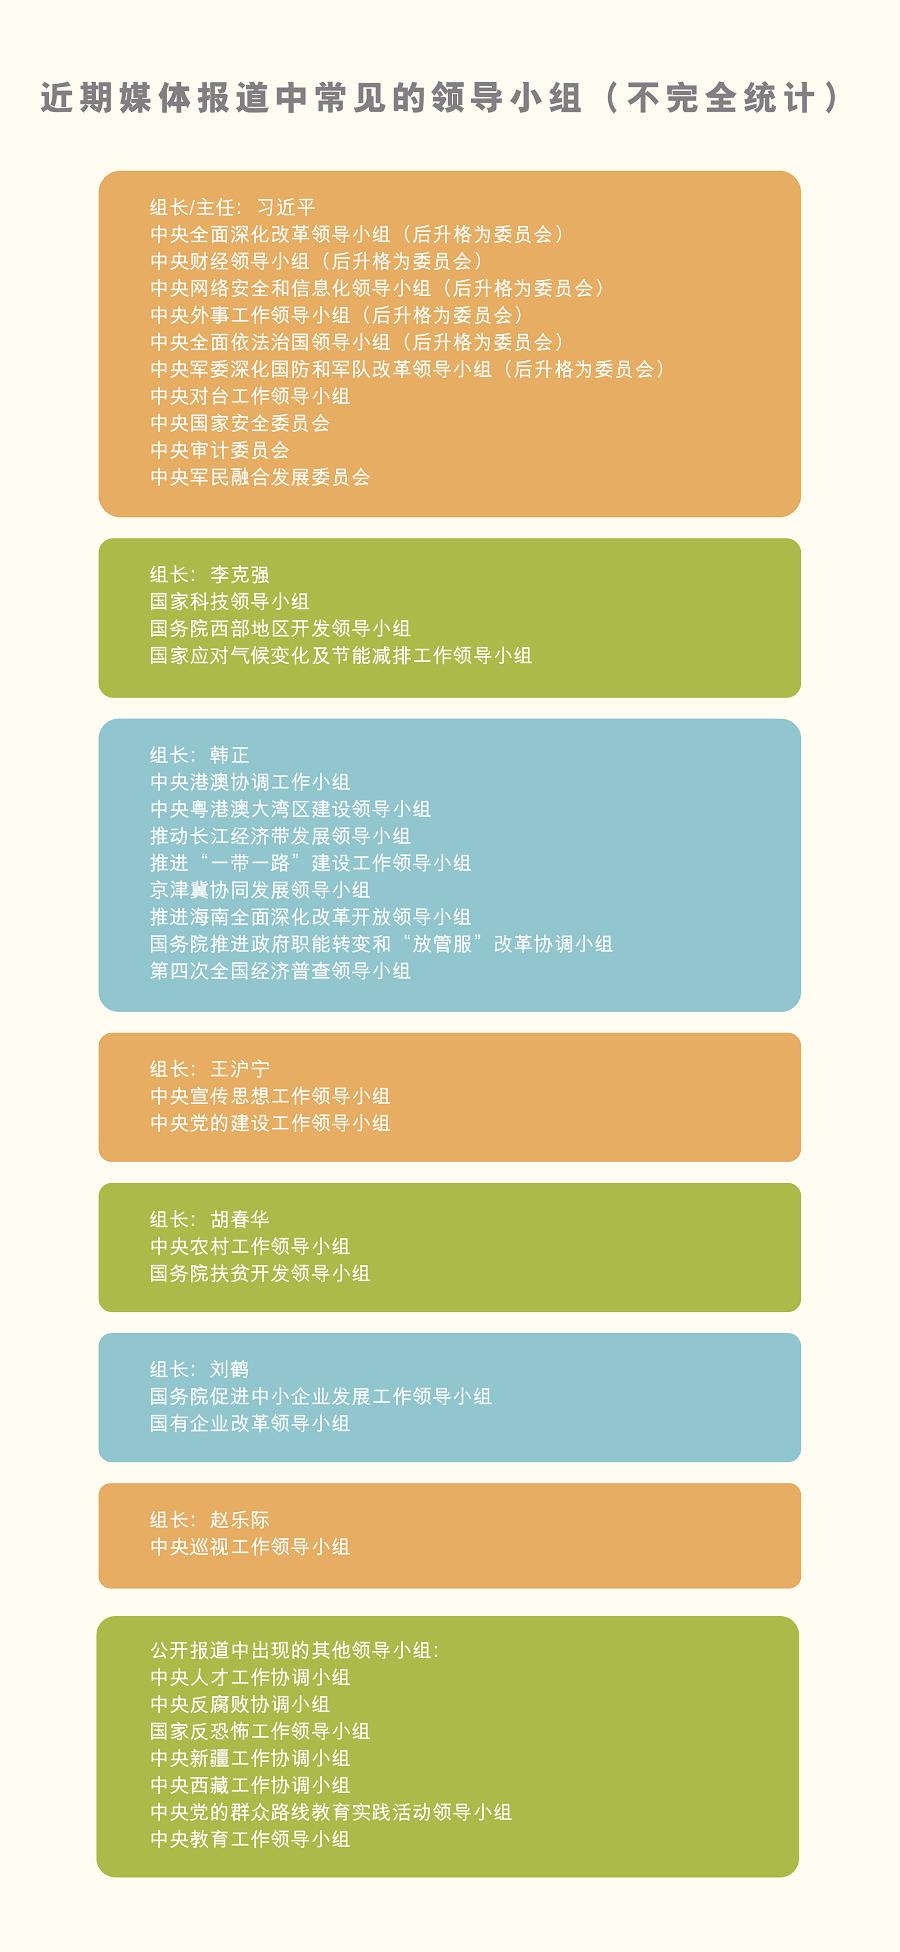 main_site_illustration_lingdaoxiaozuxiediaojuece_v1_prc_jinqimeitibaodaozhongchangjiandelingdaoxiaozubuwanquantongji-